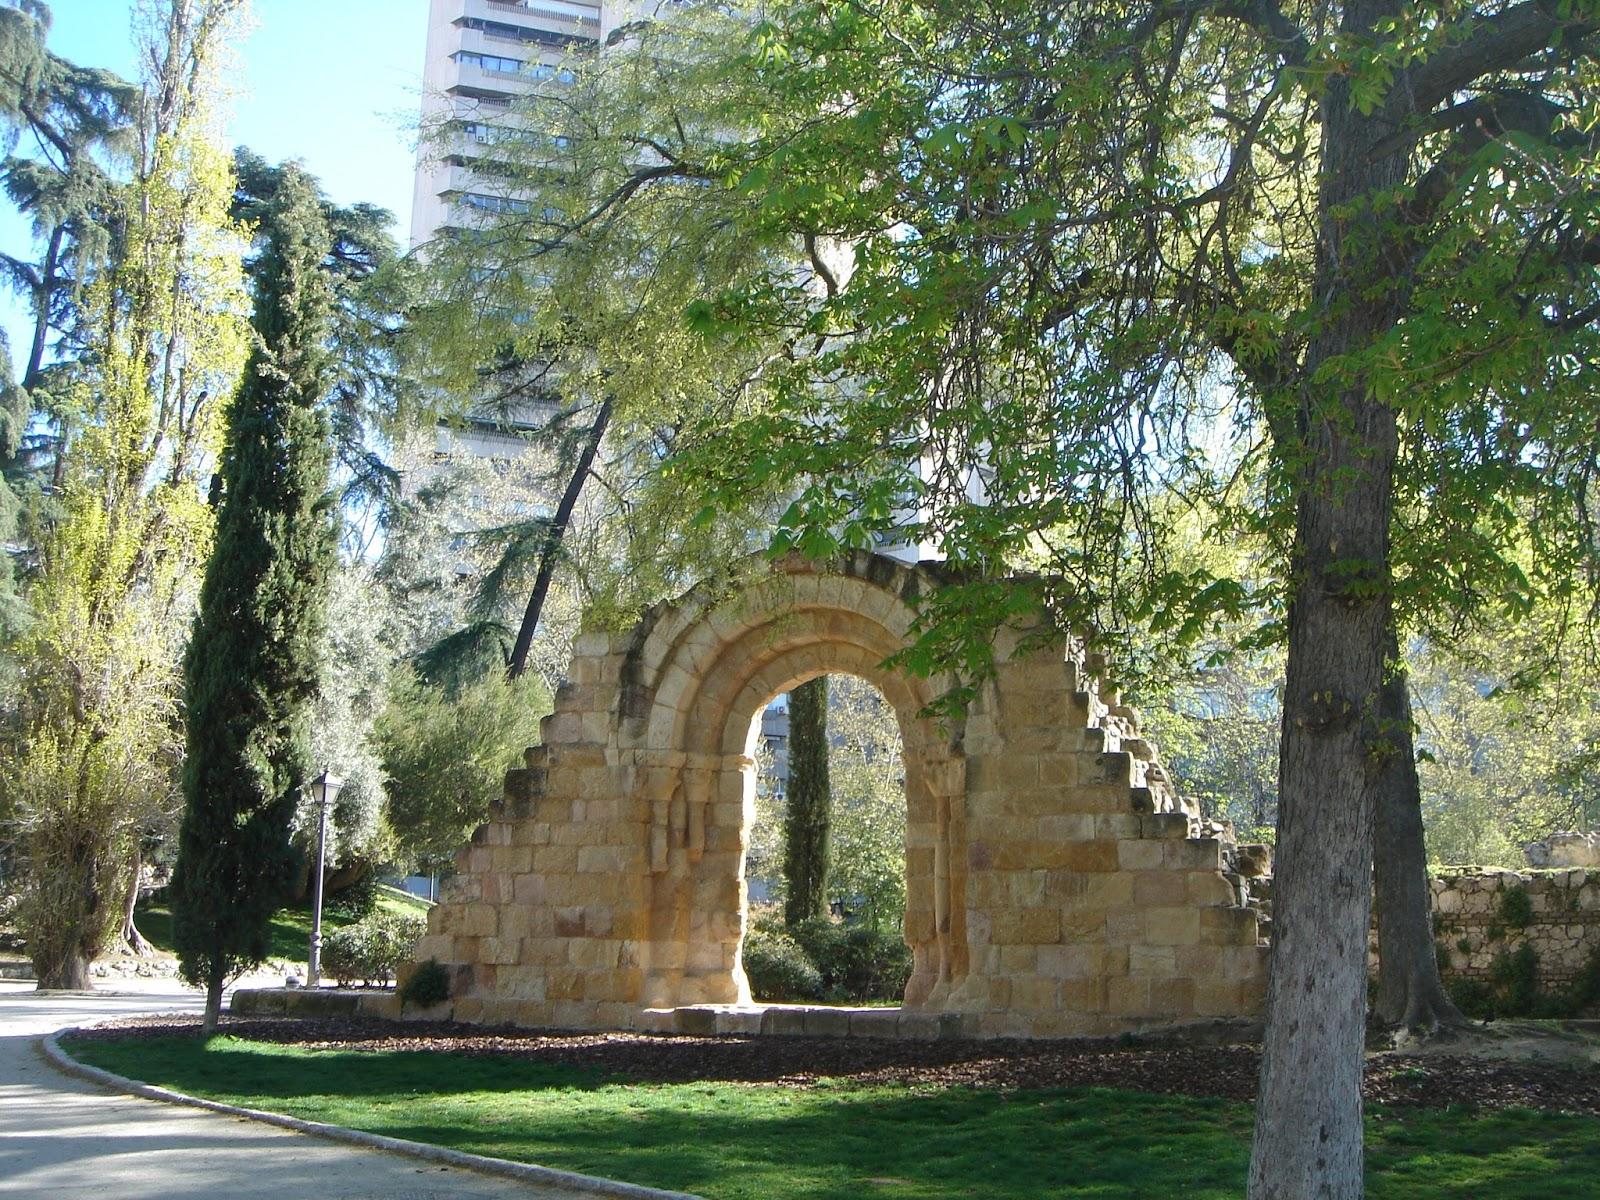 Historia y genealog a parque del retiro for Parque del retiro barcas